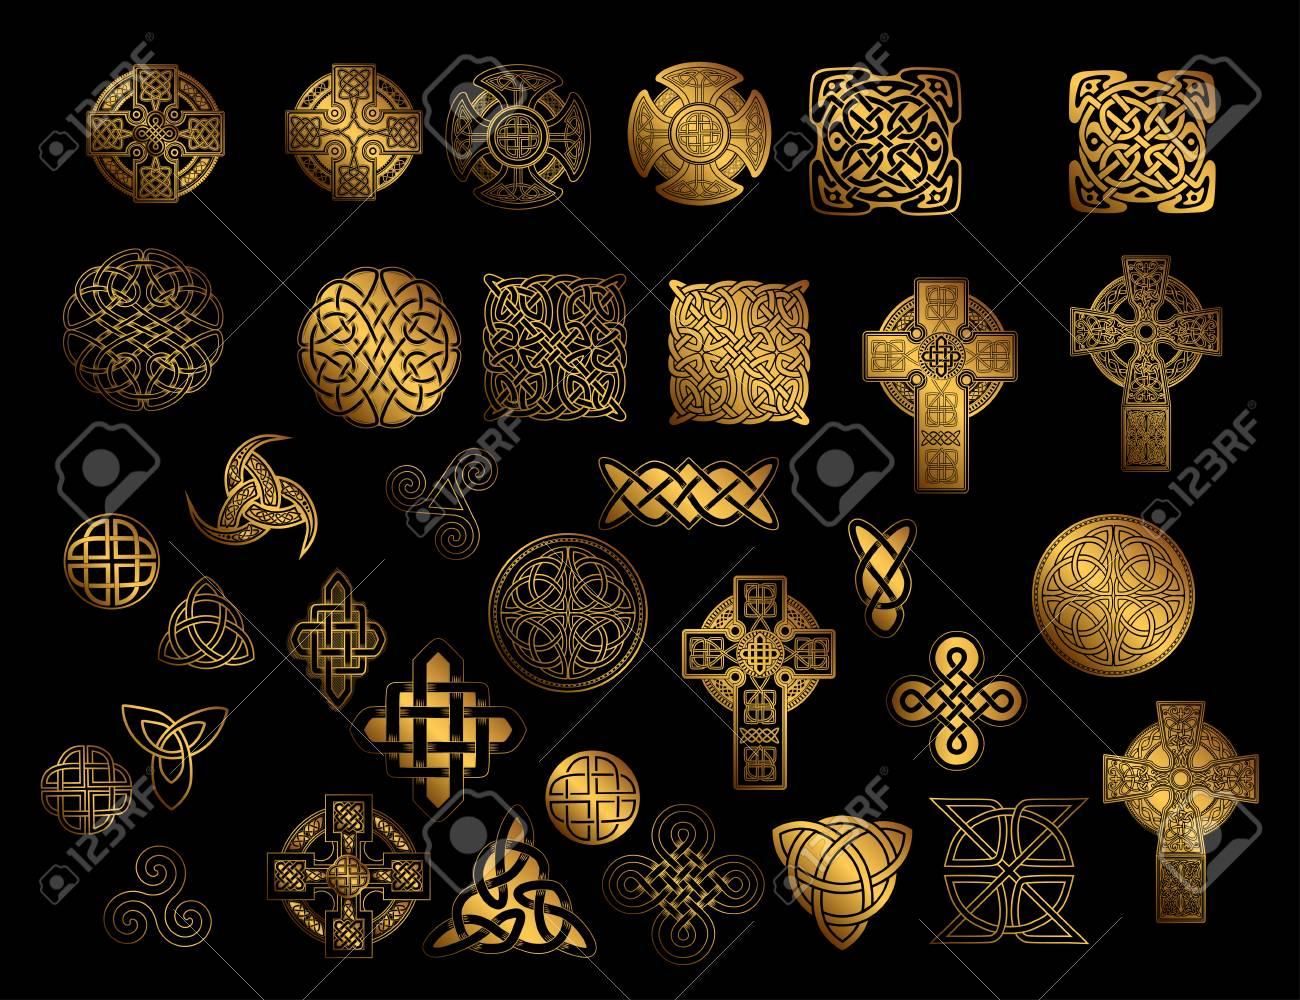 Set Of Ancient Pagan Scandinavian Sacred Symbols And Ornaments